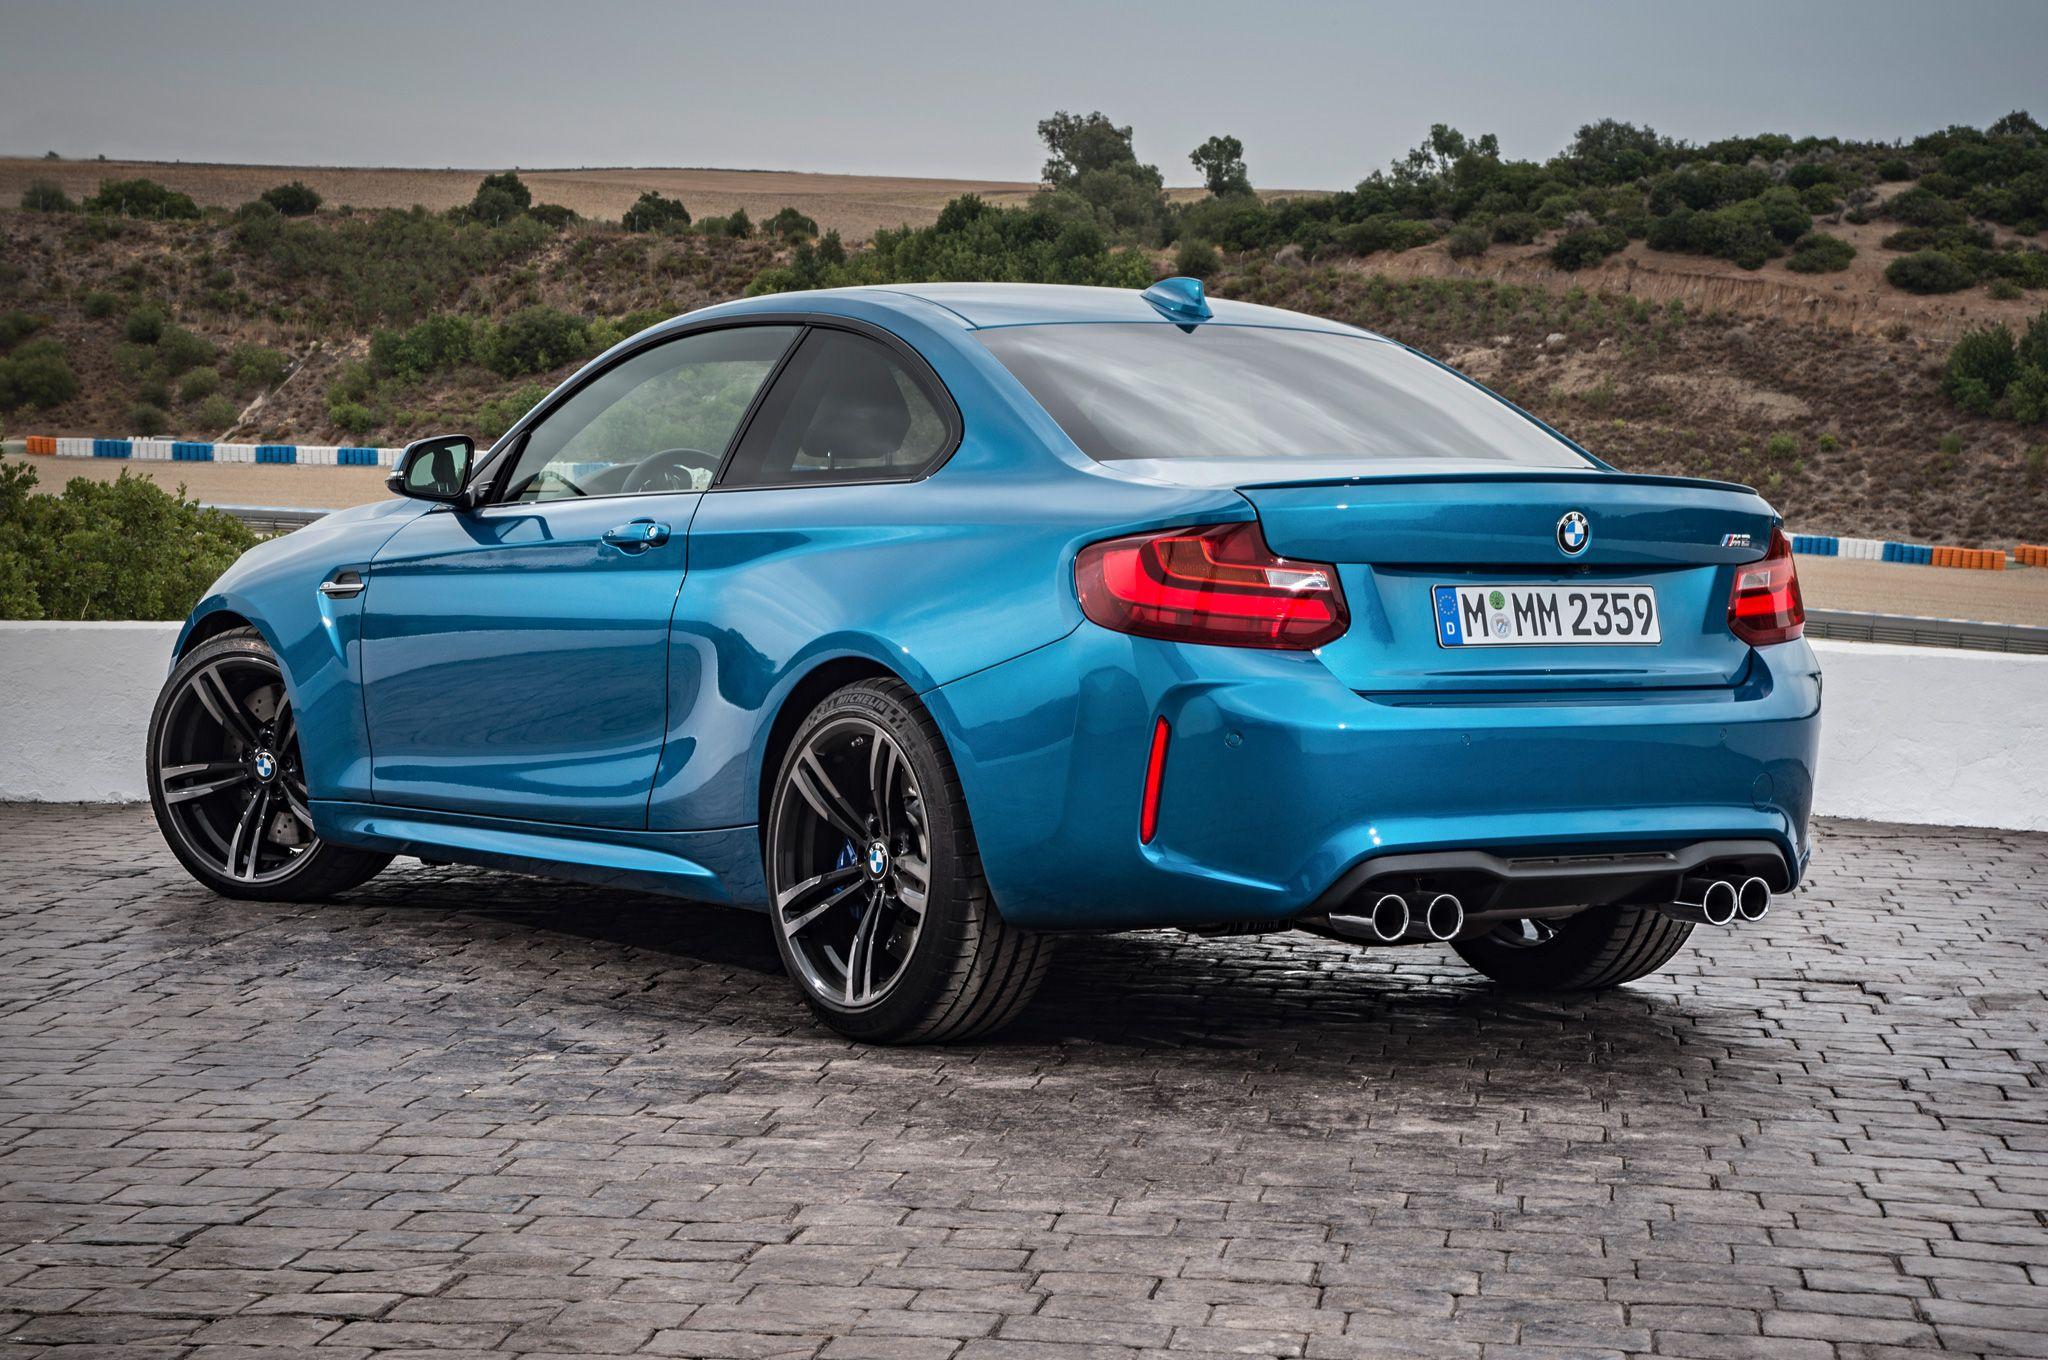 2016 BMW M2 Coupe rear three quarter 032 | Dream Car ...